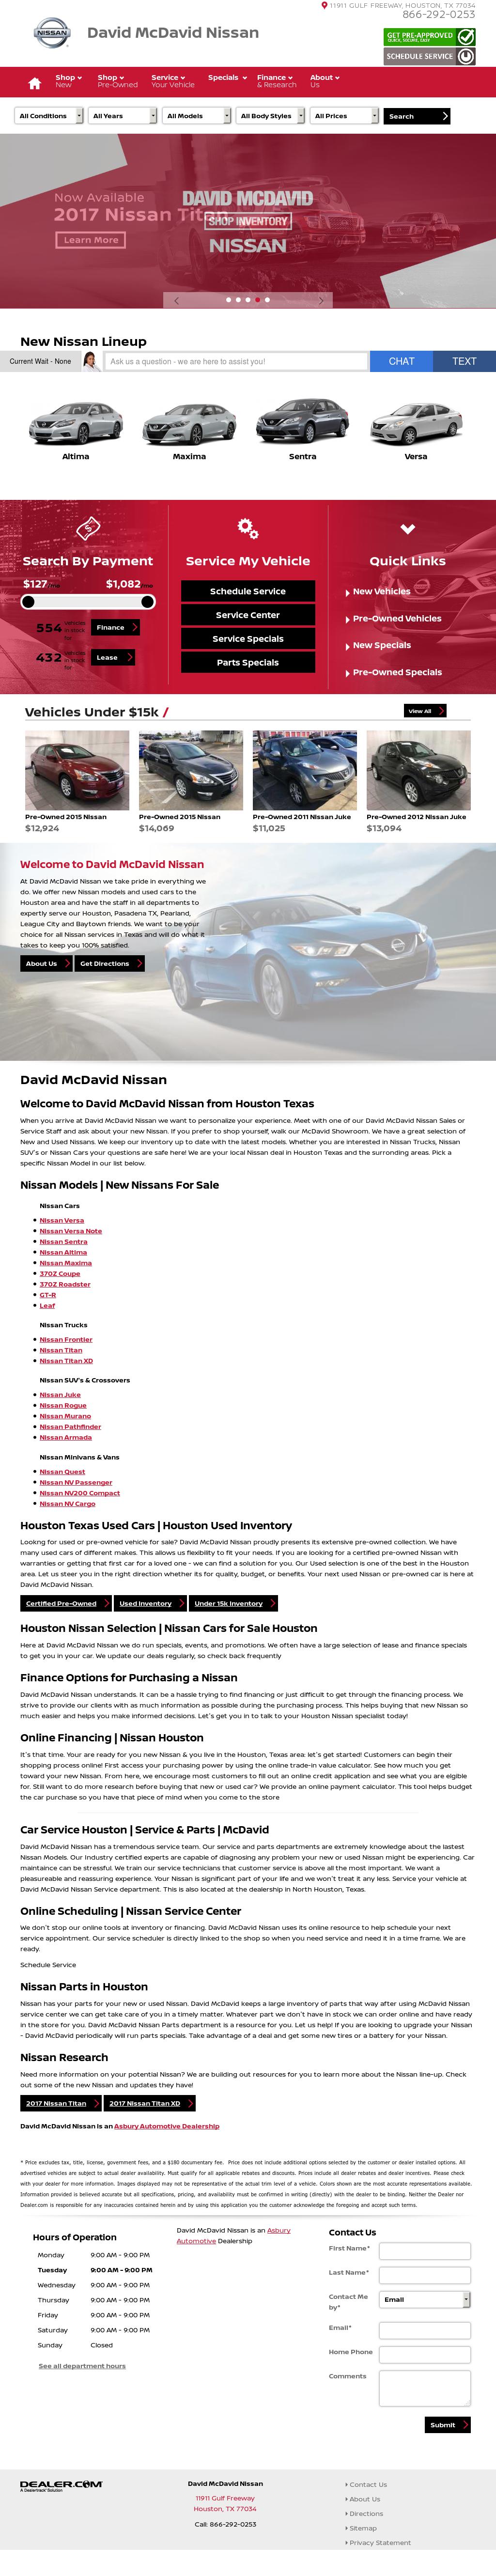 David McDavid Nissan Website History